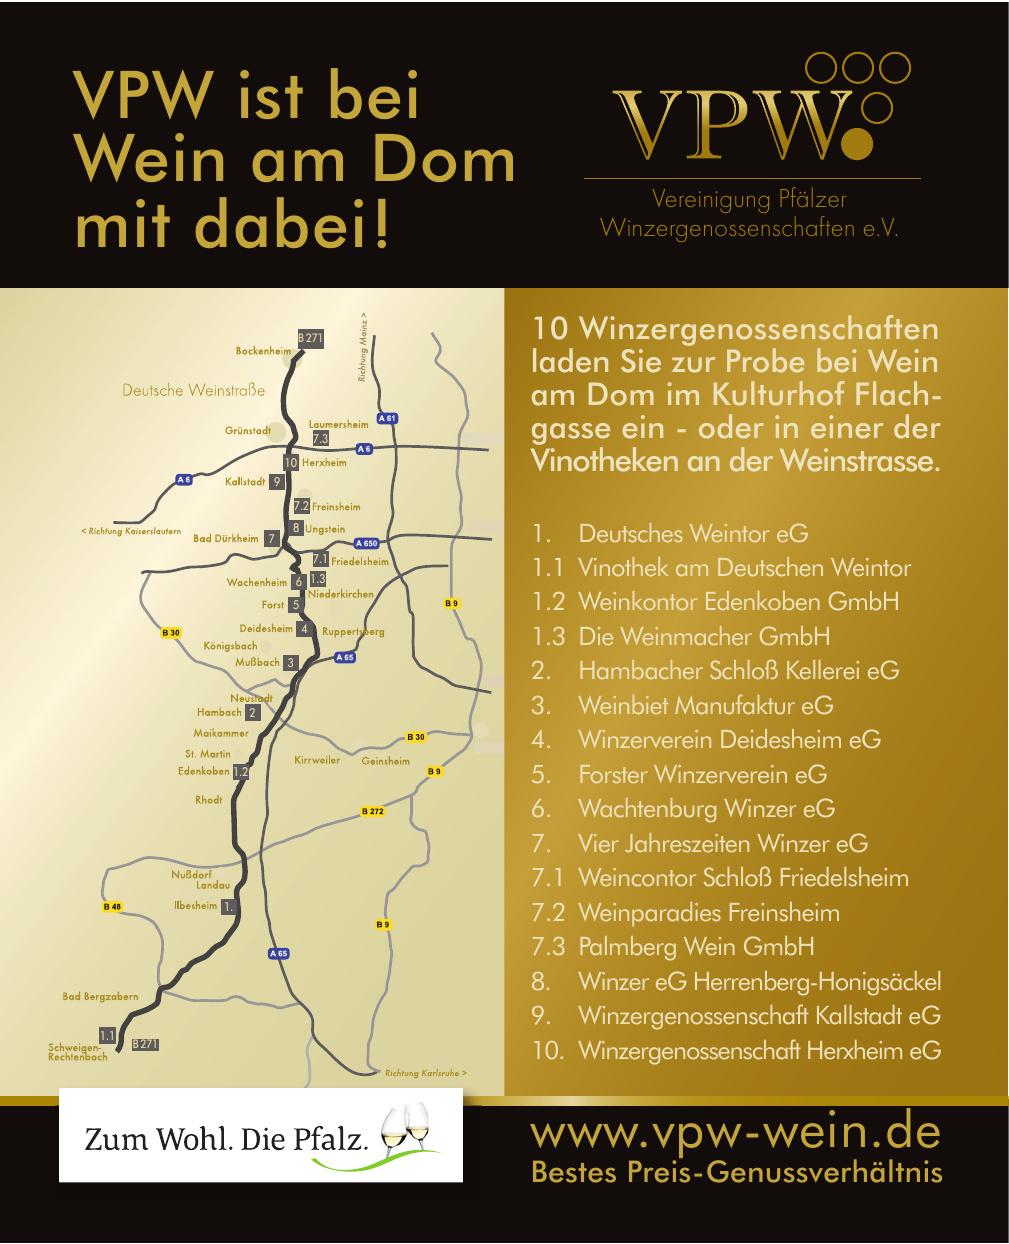 Vereinigung Pfälzer Winzergenossenschaften eV.